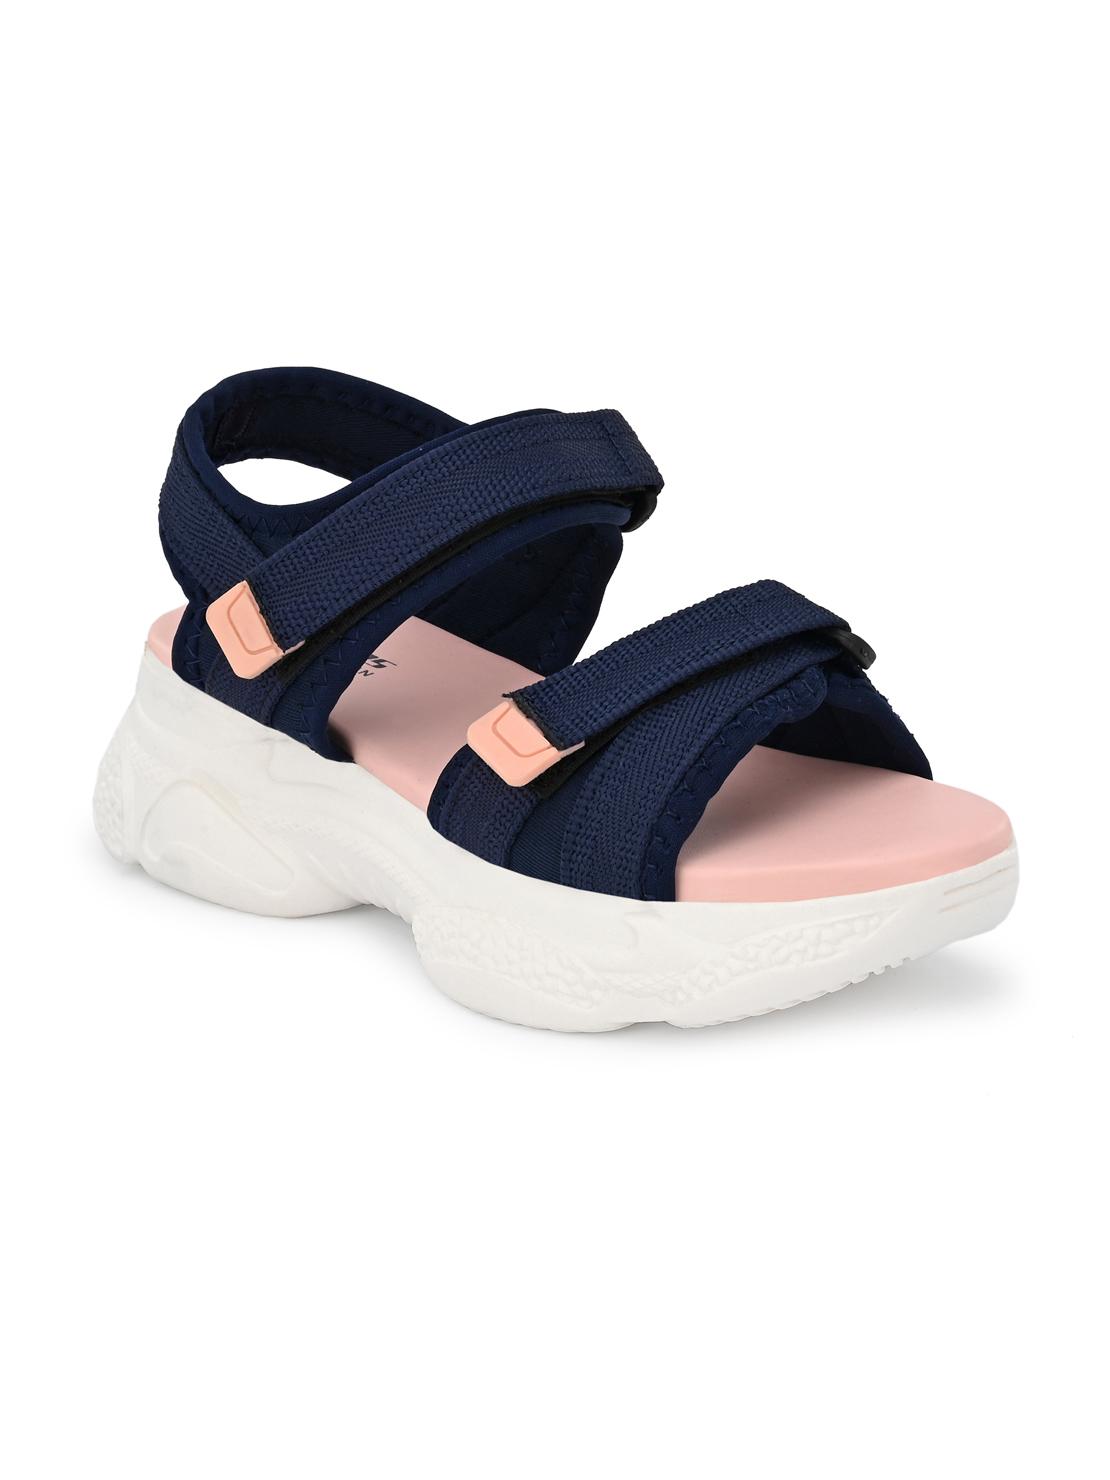 Hirolas   Women Sports Sandals - Pink